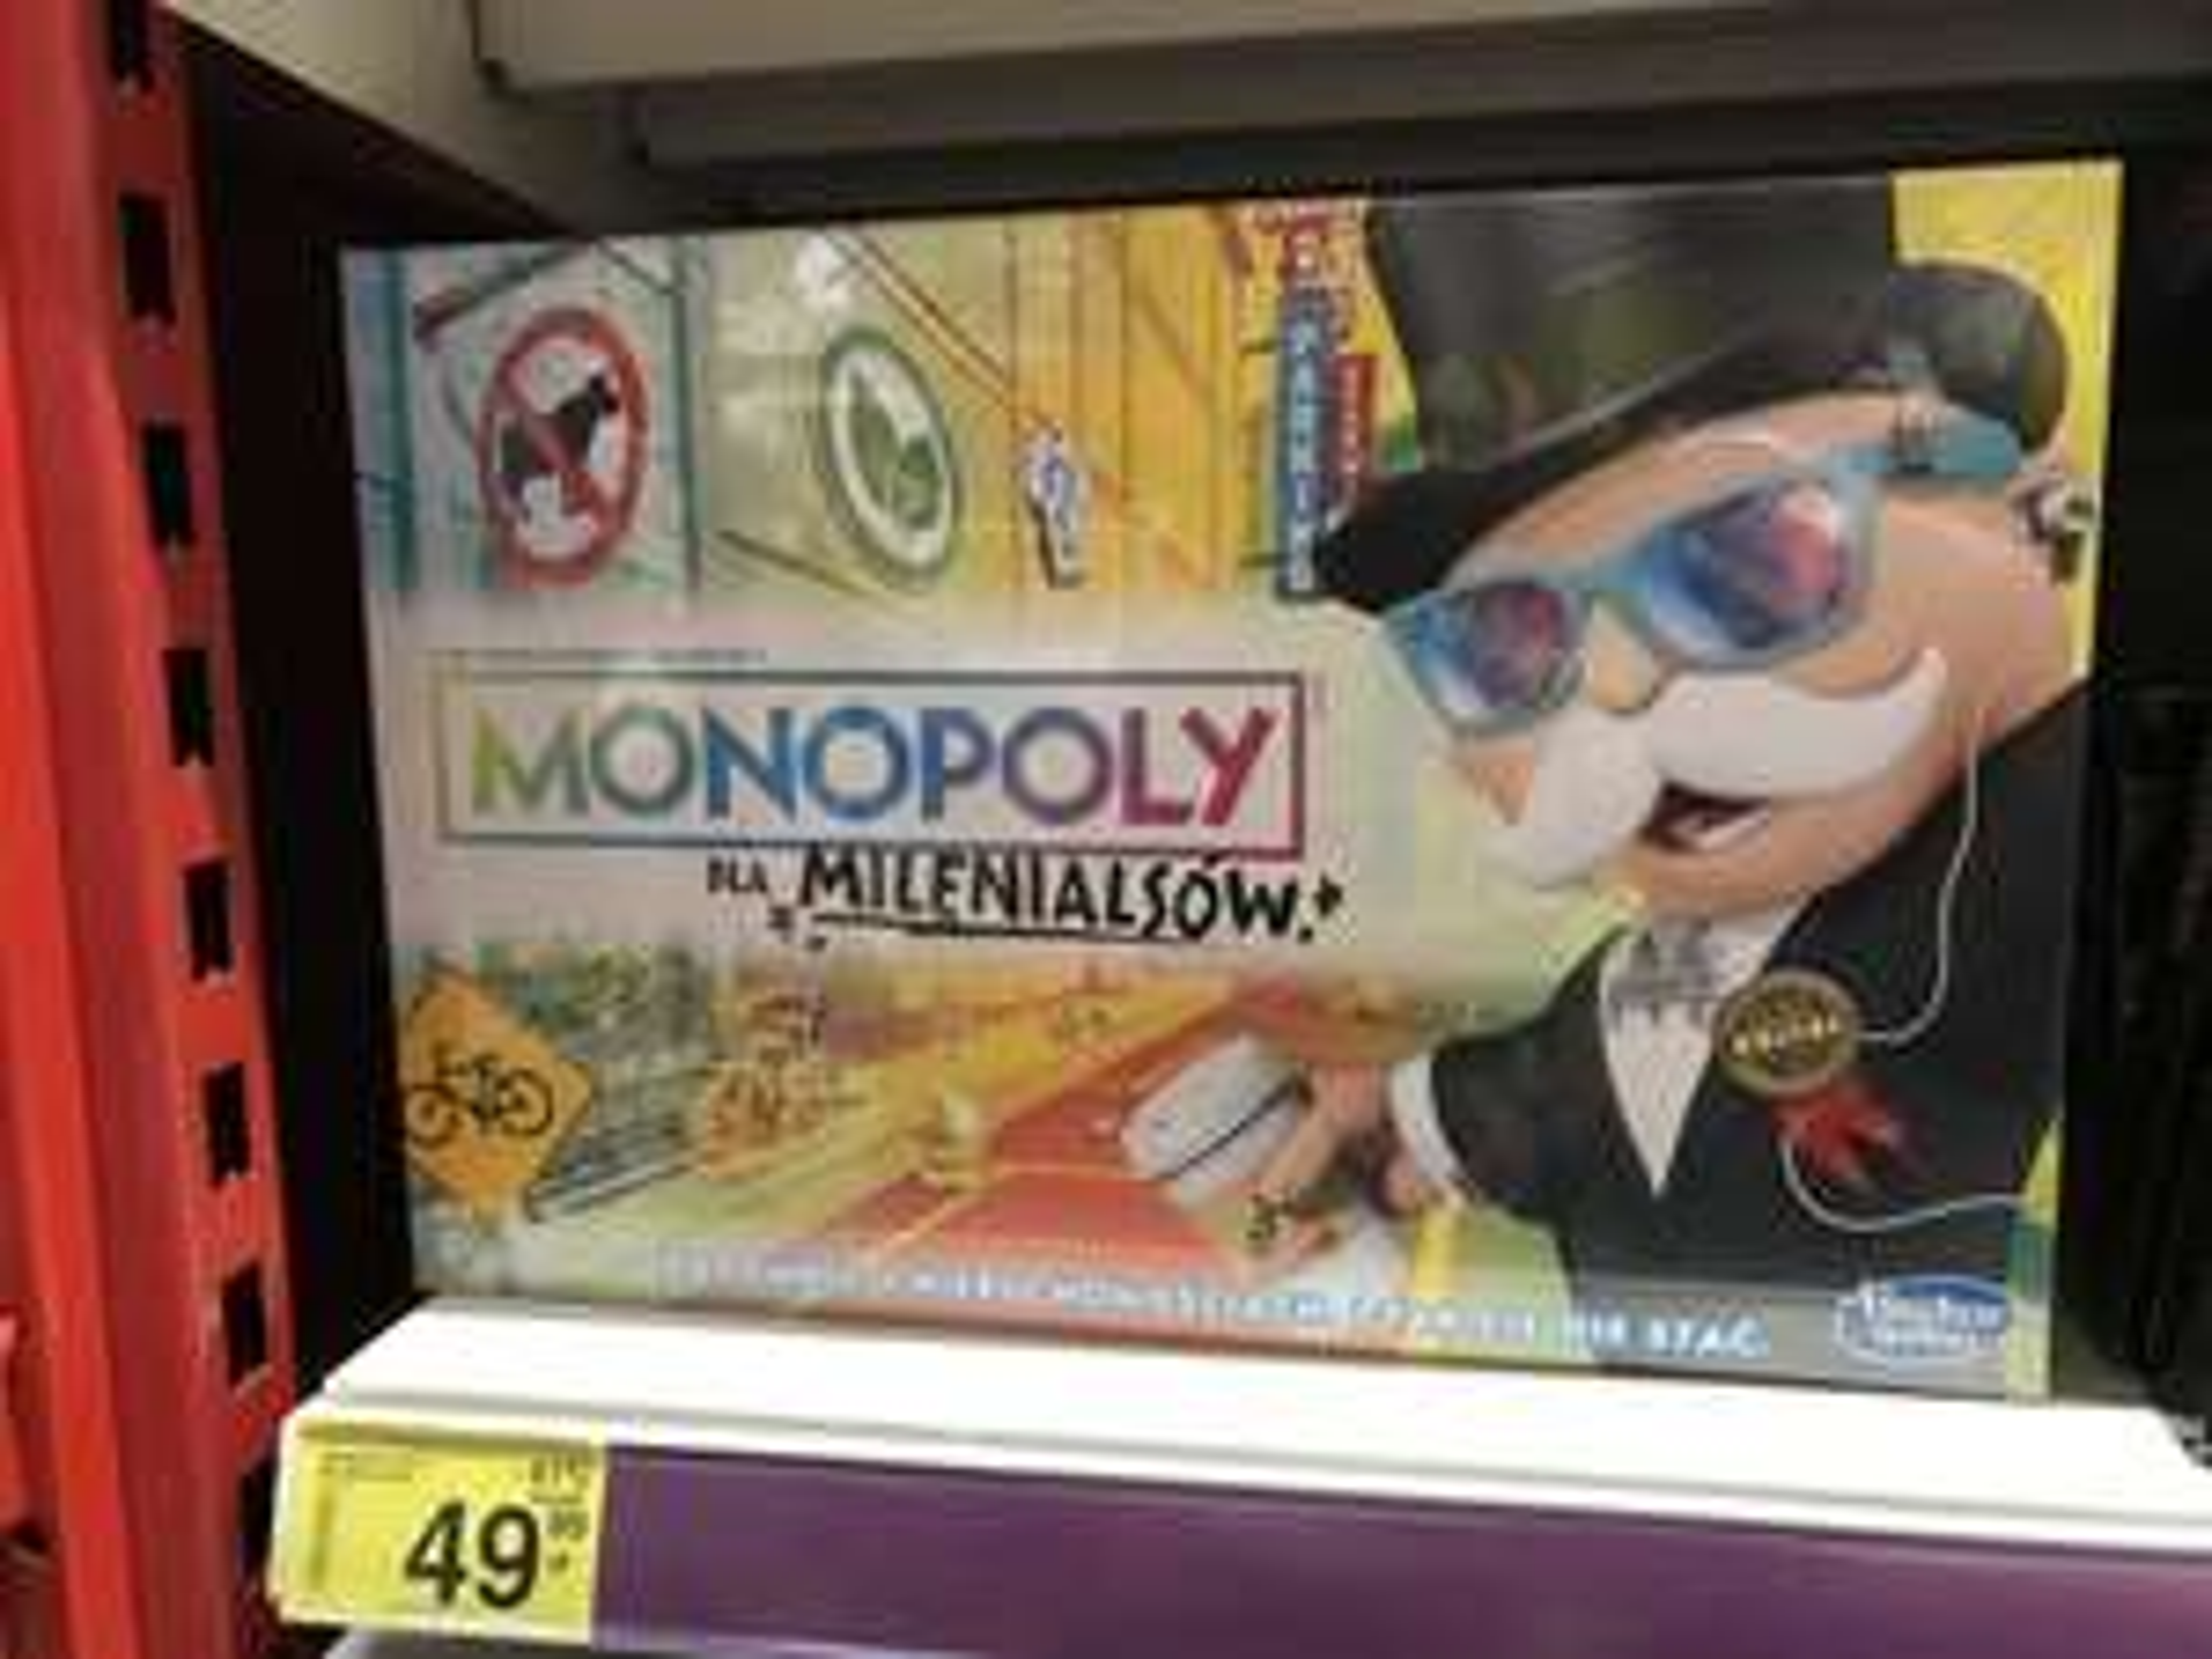 MONOPOLY wersja dla milenialsów